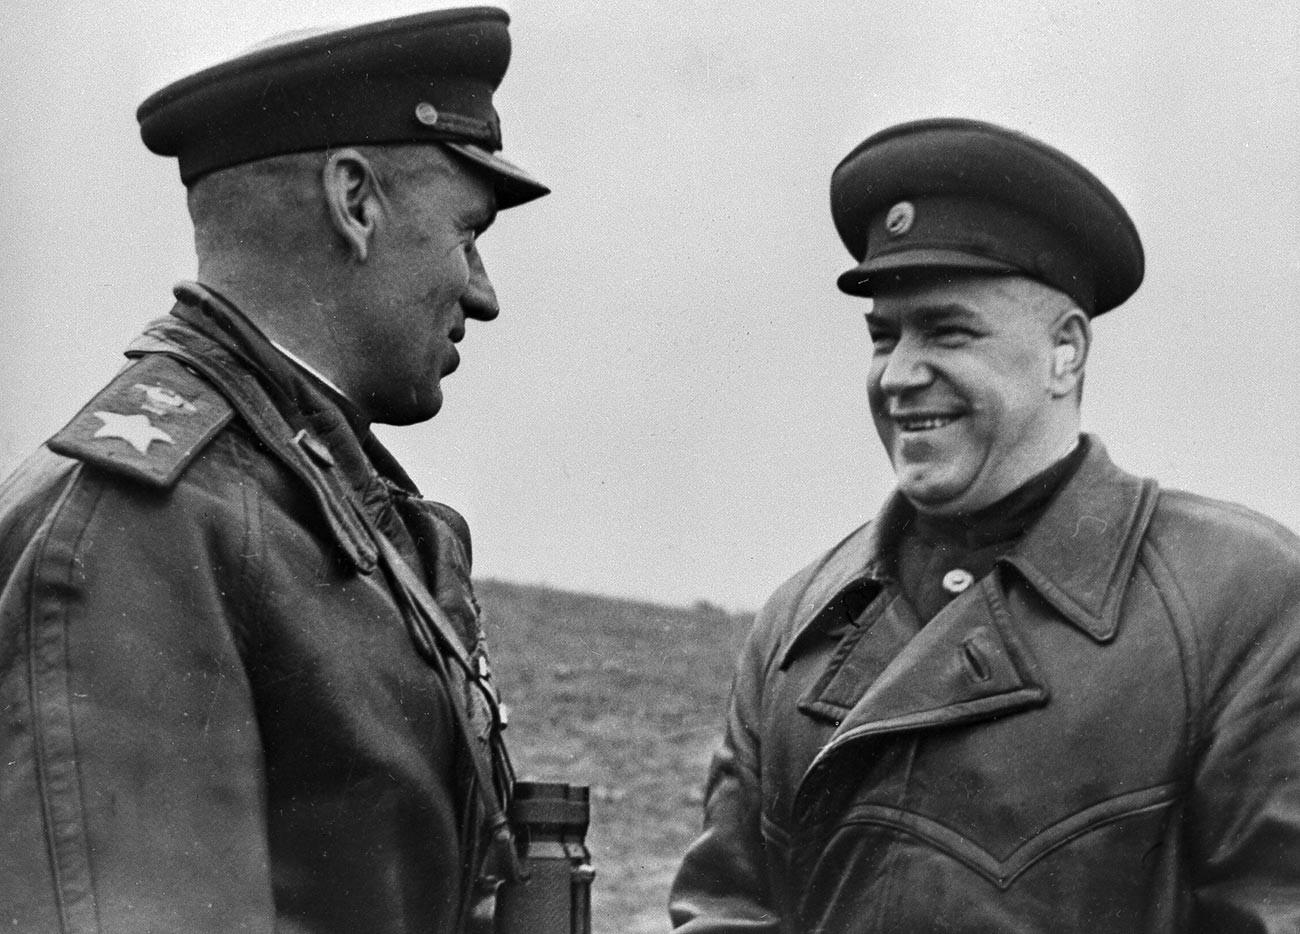 Zapovjednik Prvog bjeloruskog fronta maršal Sovjetskog Saveza Konstantin Rokosovski (lijevo) i predstavnik glavnog stožera maršal Sovjetskog Saveza Georgij Žukov u Poljskoj.